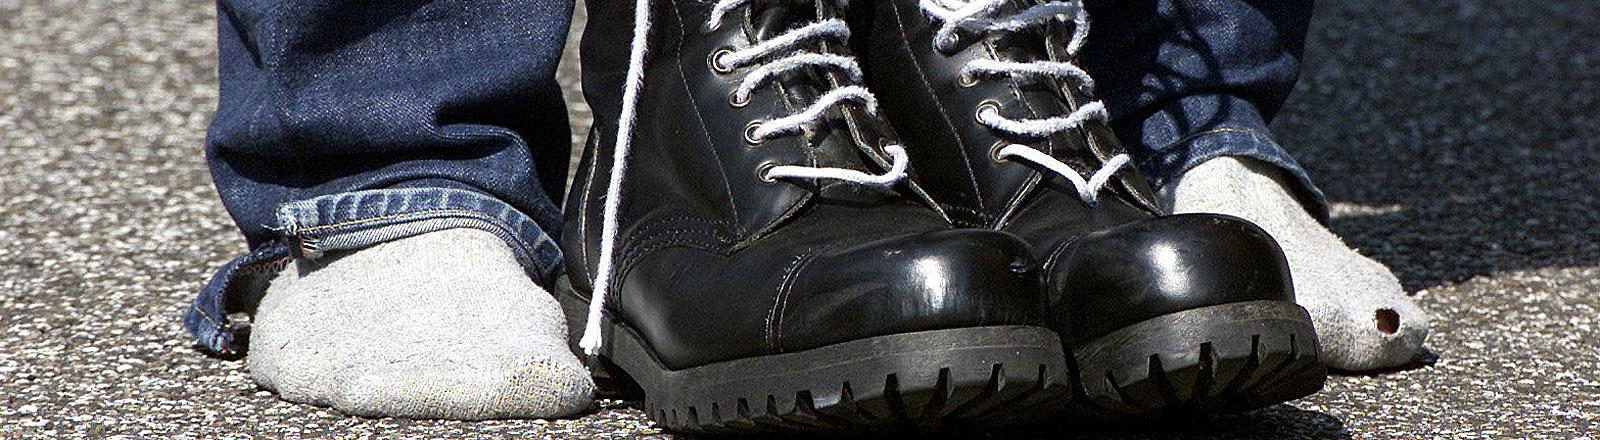 Springerstiefel stehen neben besockten Füßen